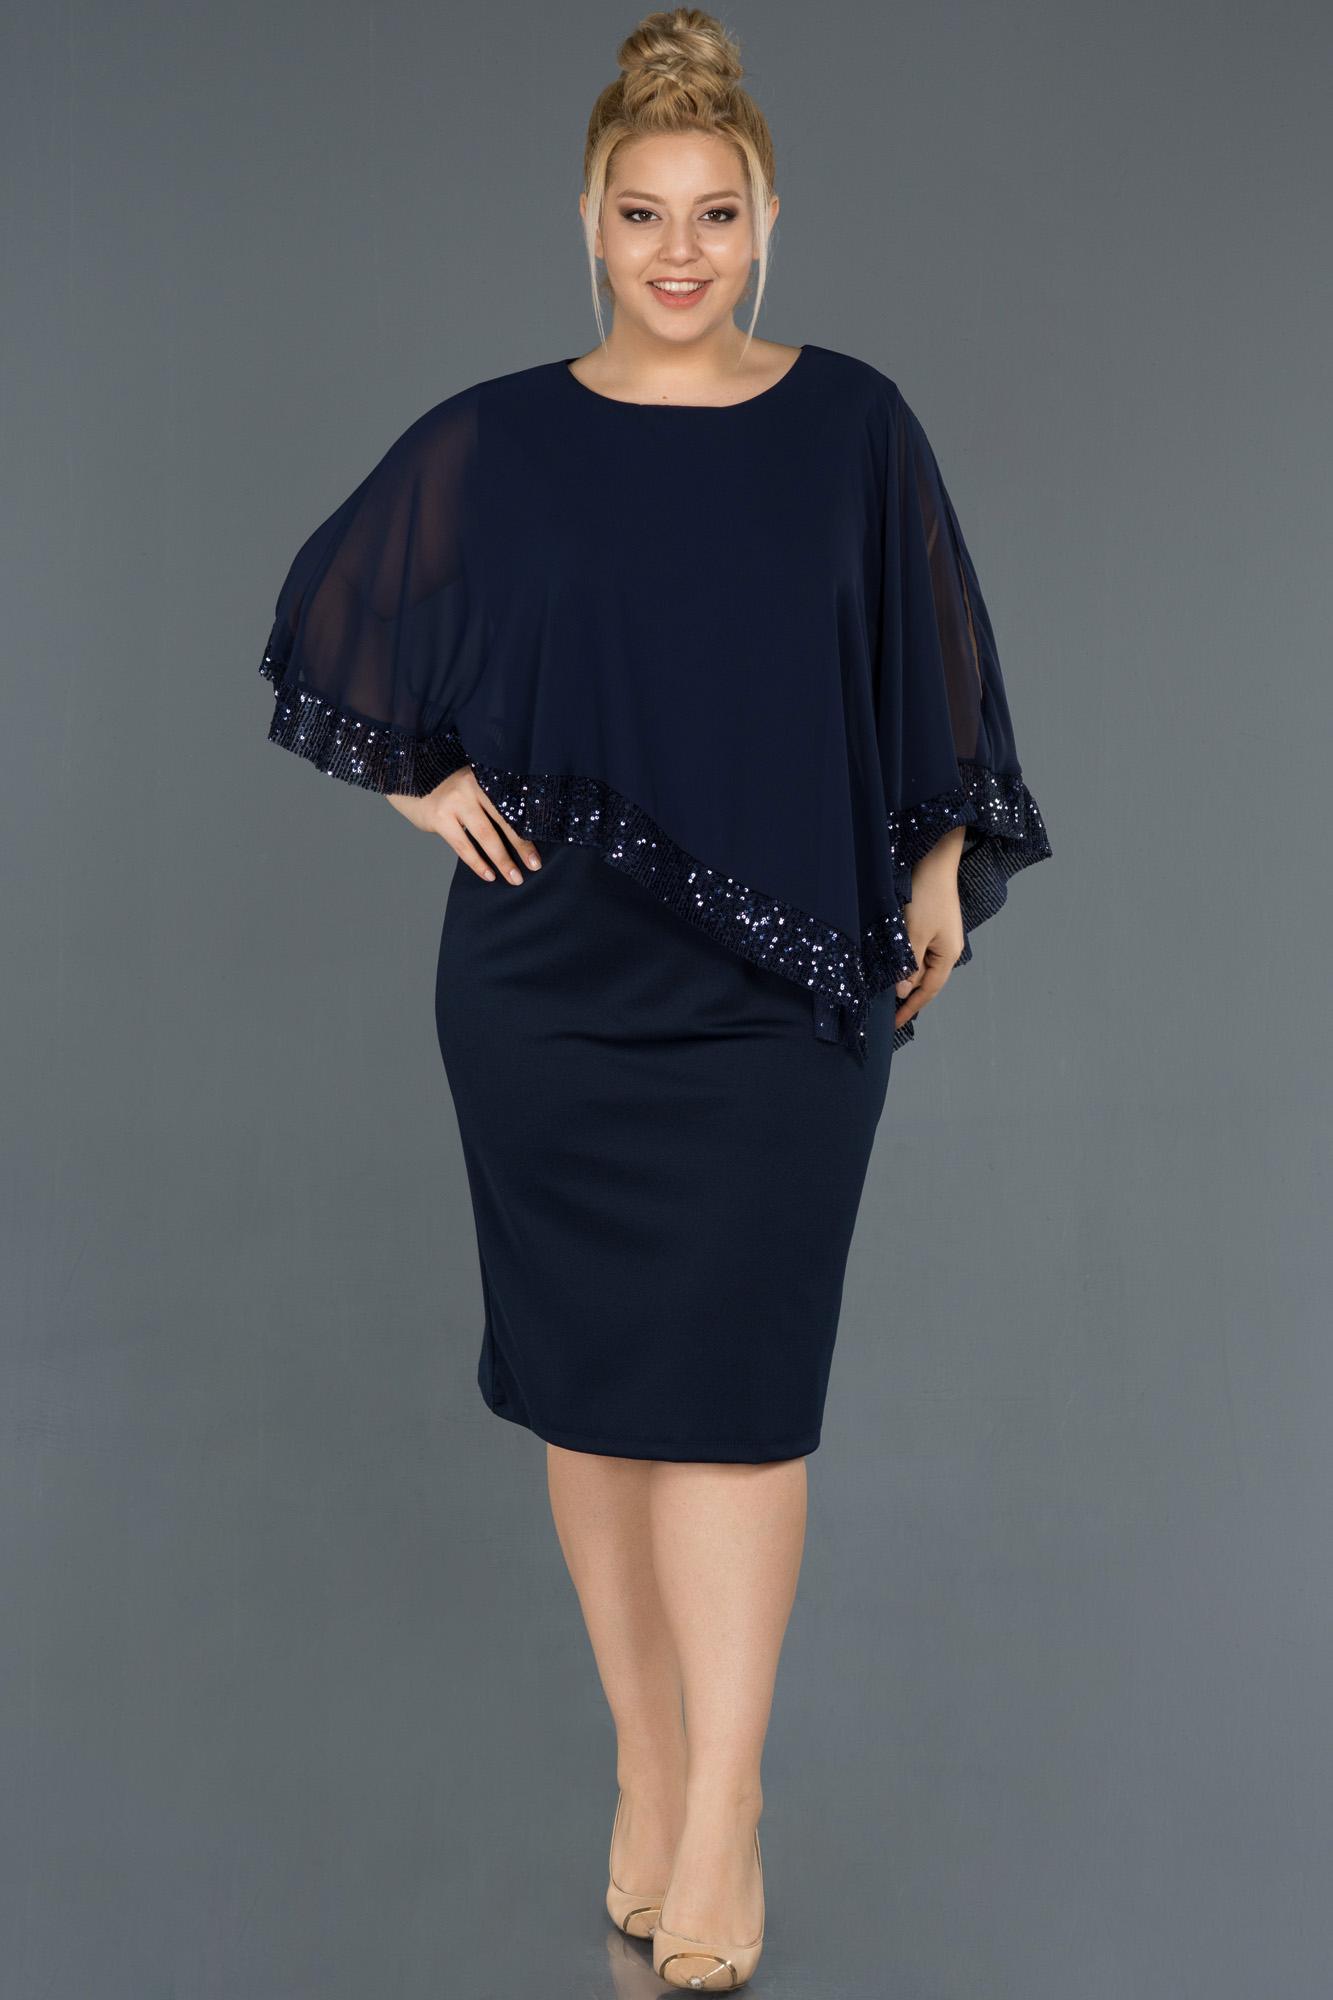 Lacivert Kısa Panço Detaylı Büyük Beden Elbise